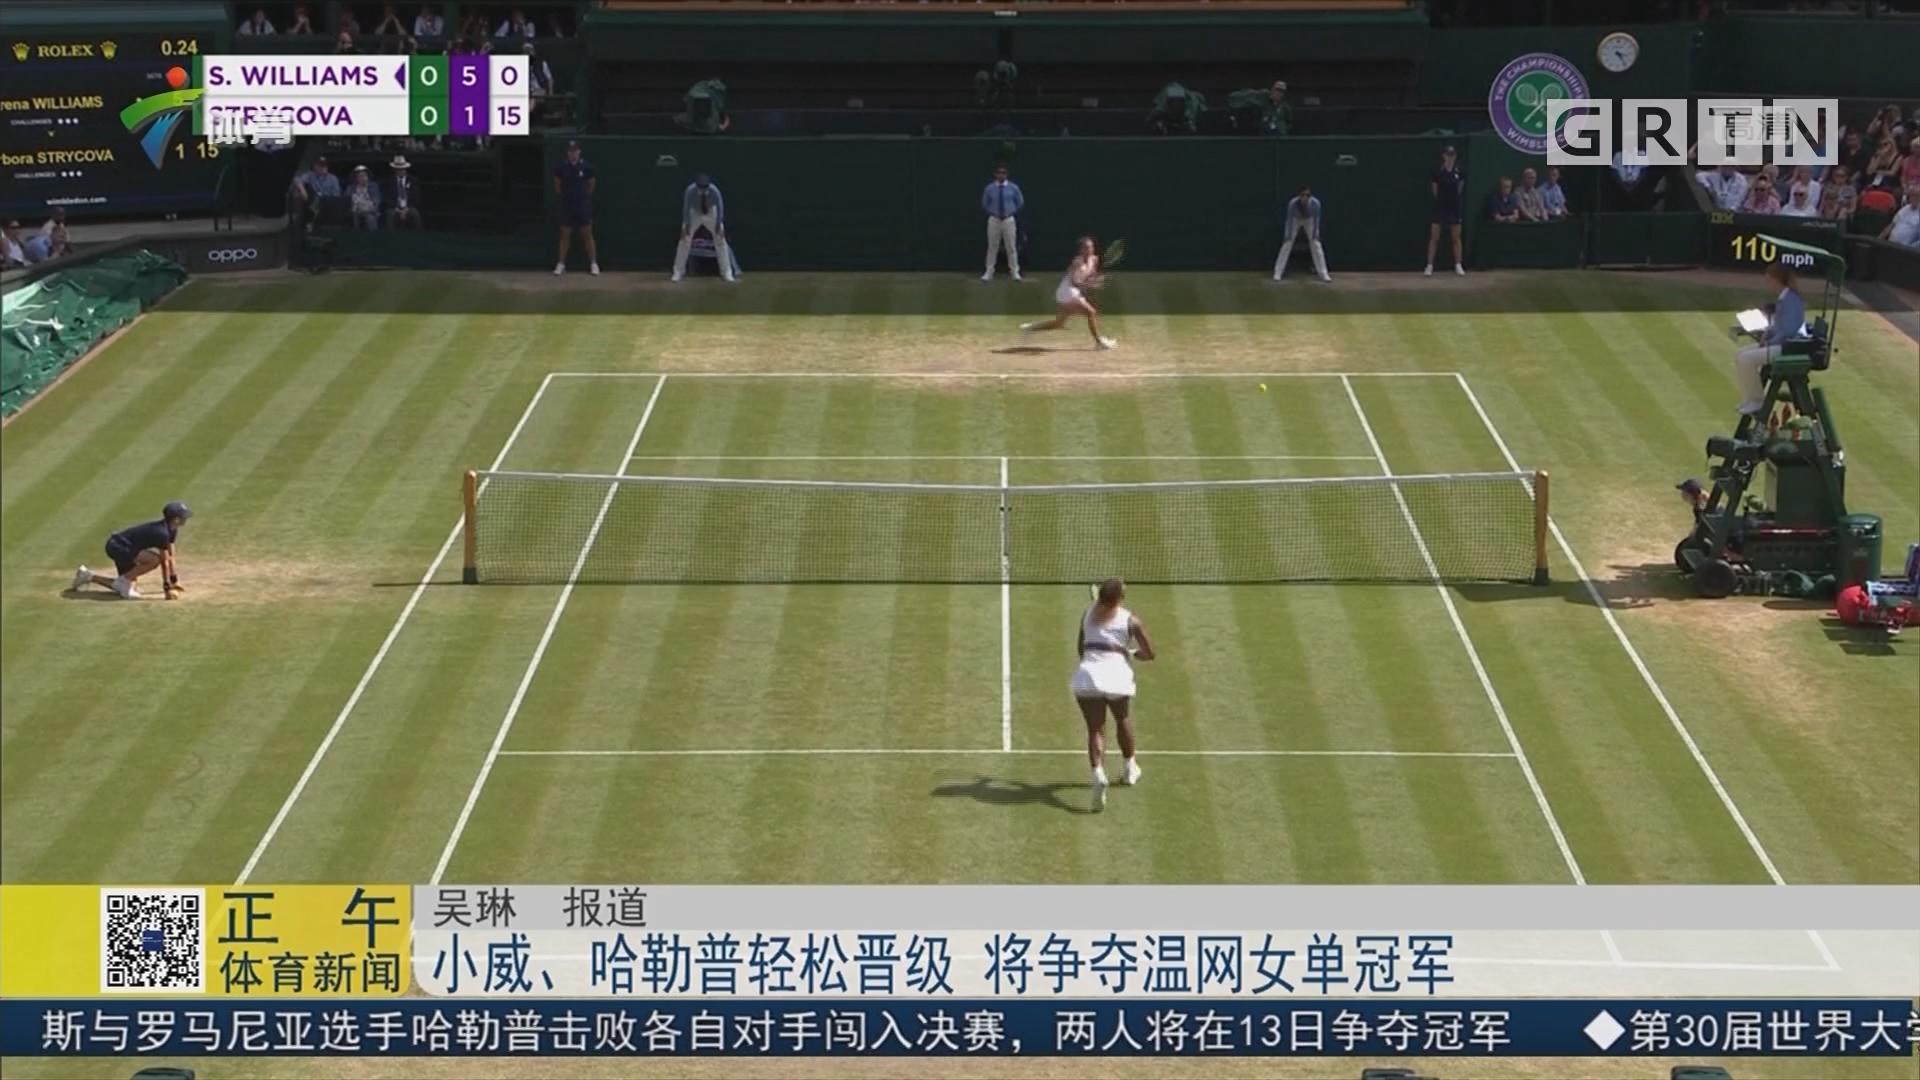 小威、哈勒普轻松晋级 将争夺温网女单冠军